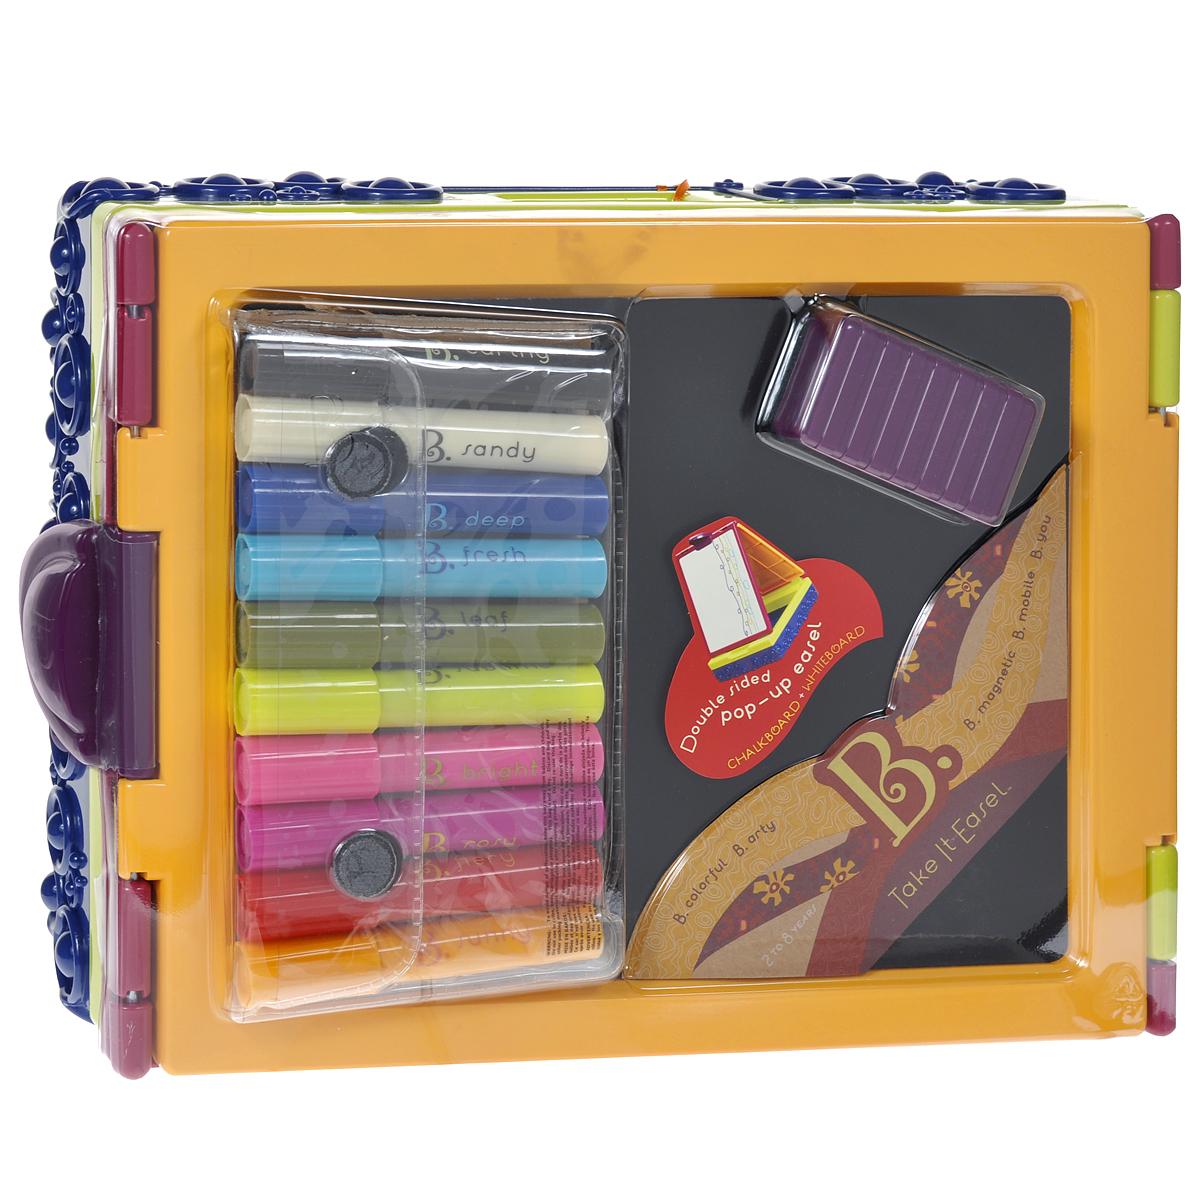 Складной мольберт для рисования B.Dot, с фломастерами68651Яркий складной мольберт B.Dot станет прекрасным помощником вашему ребенку в развитии художественных талантов. Он легко превратит детскую комнату в художественную мастерскую и поможет приобрести навыки, необходимые в школе. Он выполнен из прочного пластика ярких цветов в виде складного чемоданчика. При раскрытии он превращается в доску, на которой легко можно рисовать и учиться писать буквы и слова. Лист бумаги легко крепится на мольберте с помощью держателя, расположенного в верхней части. В чемоданчике удобно хранить фломастеры, мелки и другие необходимые принадлежности. В комплект входят: мольберт, фломастеры десяти цветов и специальная губка для стирания фломастеров и мелков.